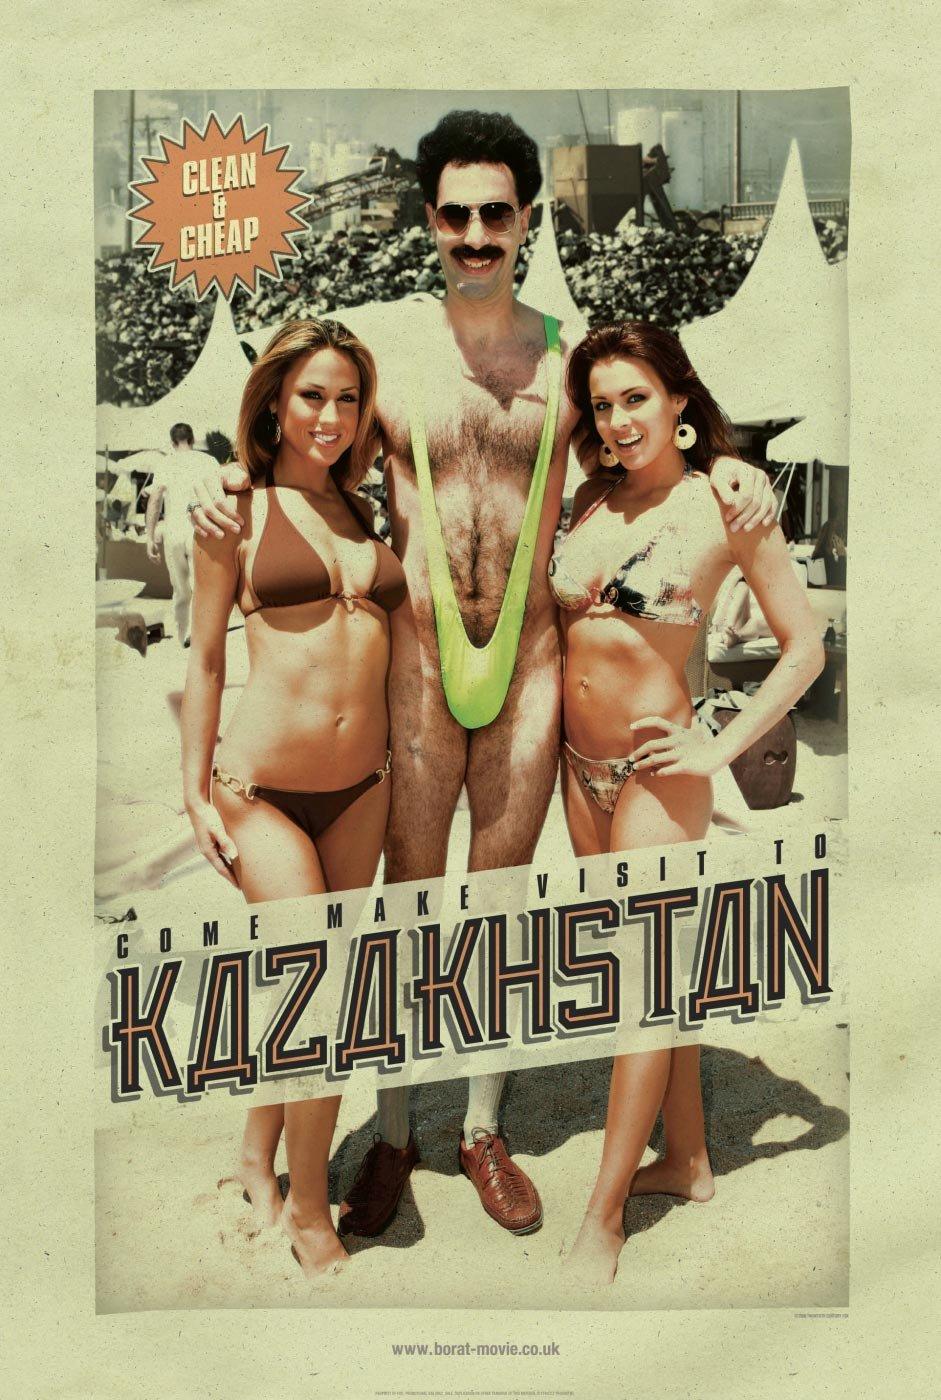 Borat 2006 Filmi Türkçe Dublaj izle